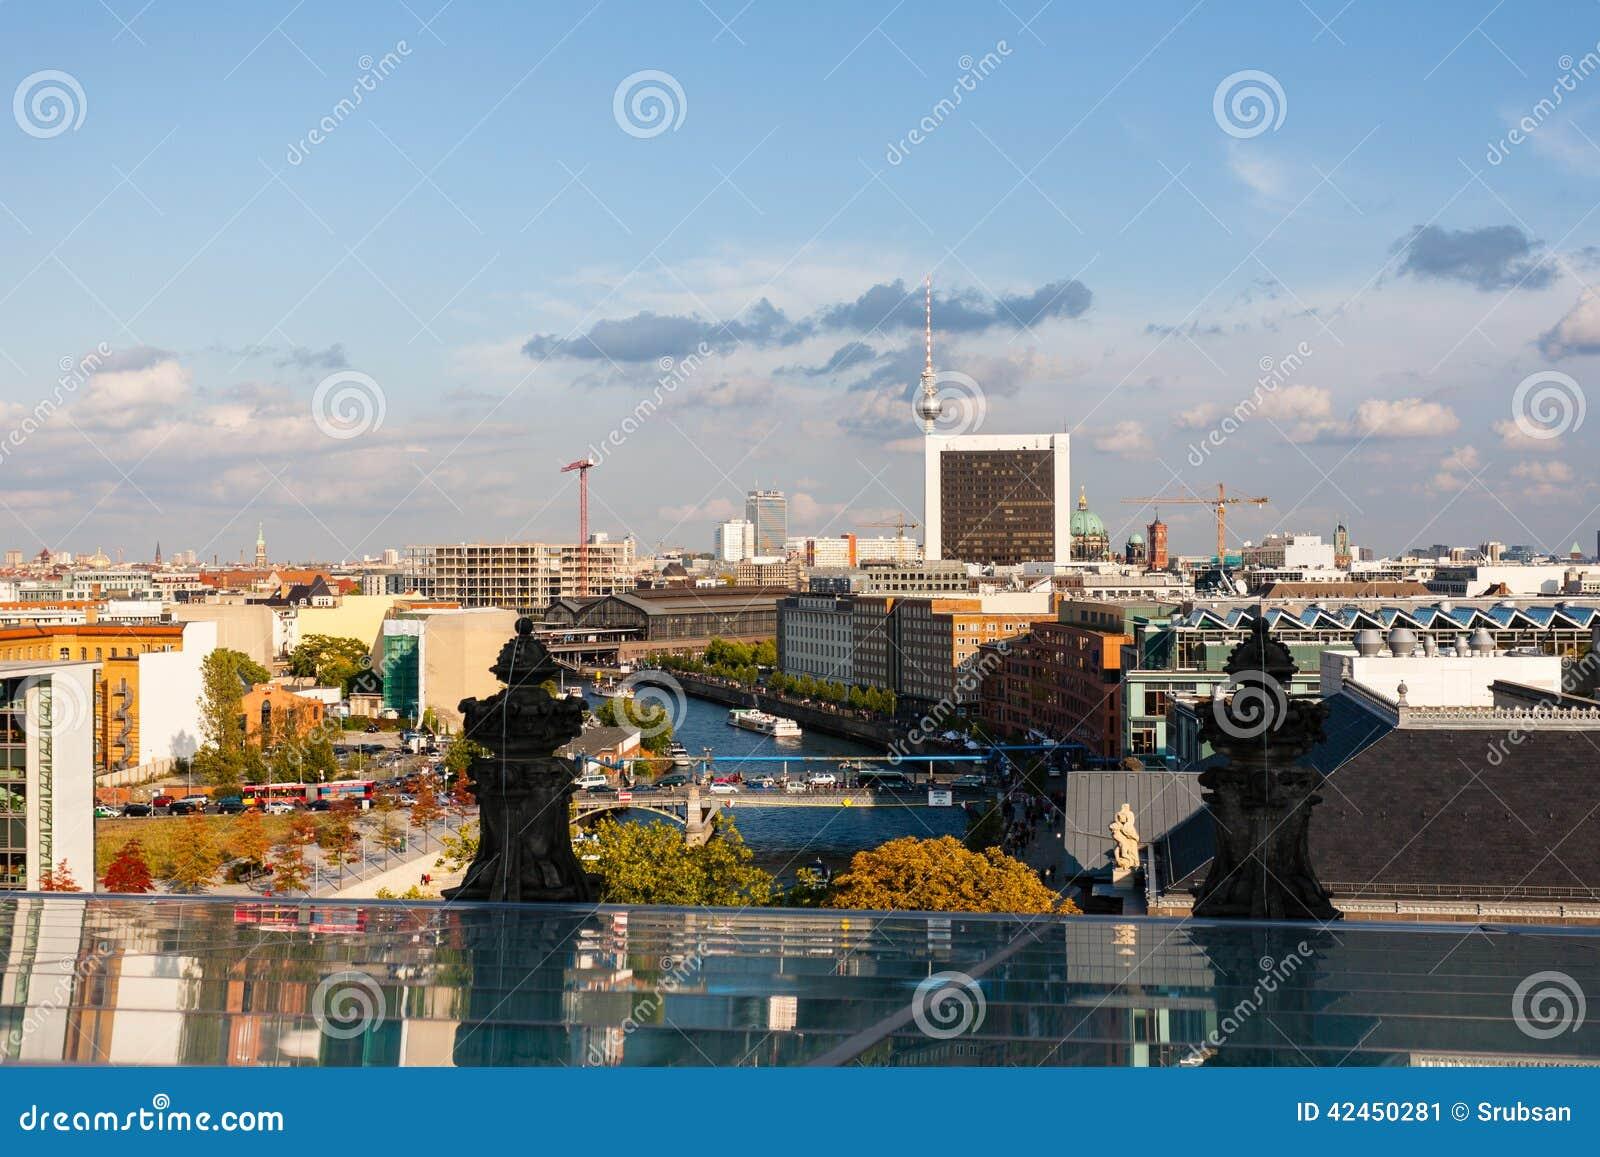 Stadtbild von Berlin mit Fernsehturm an der Unterseite